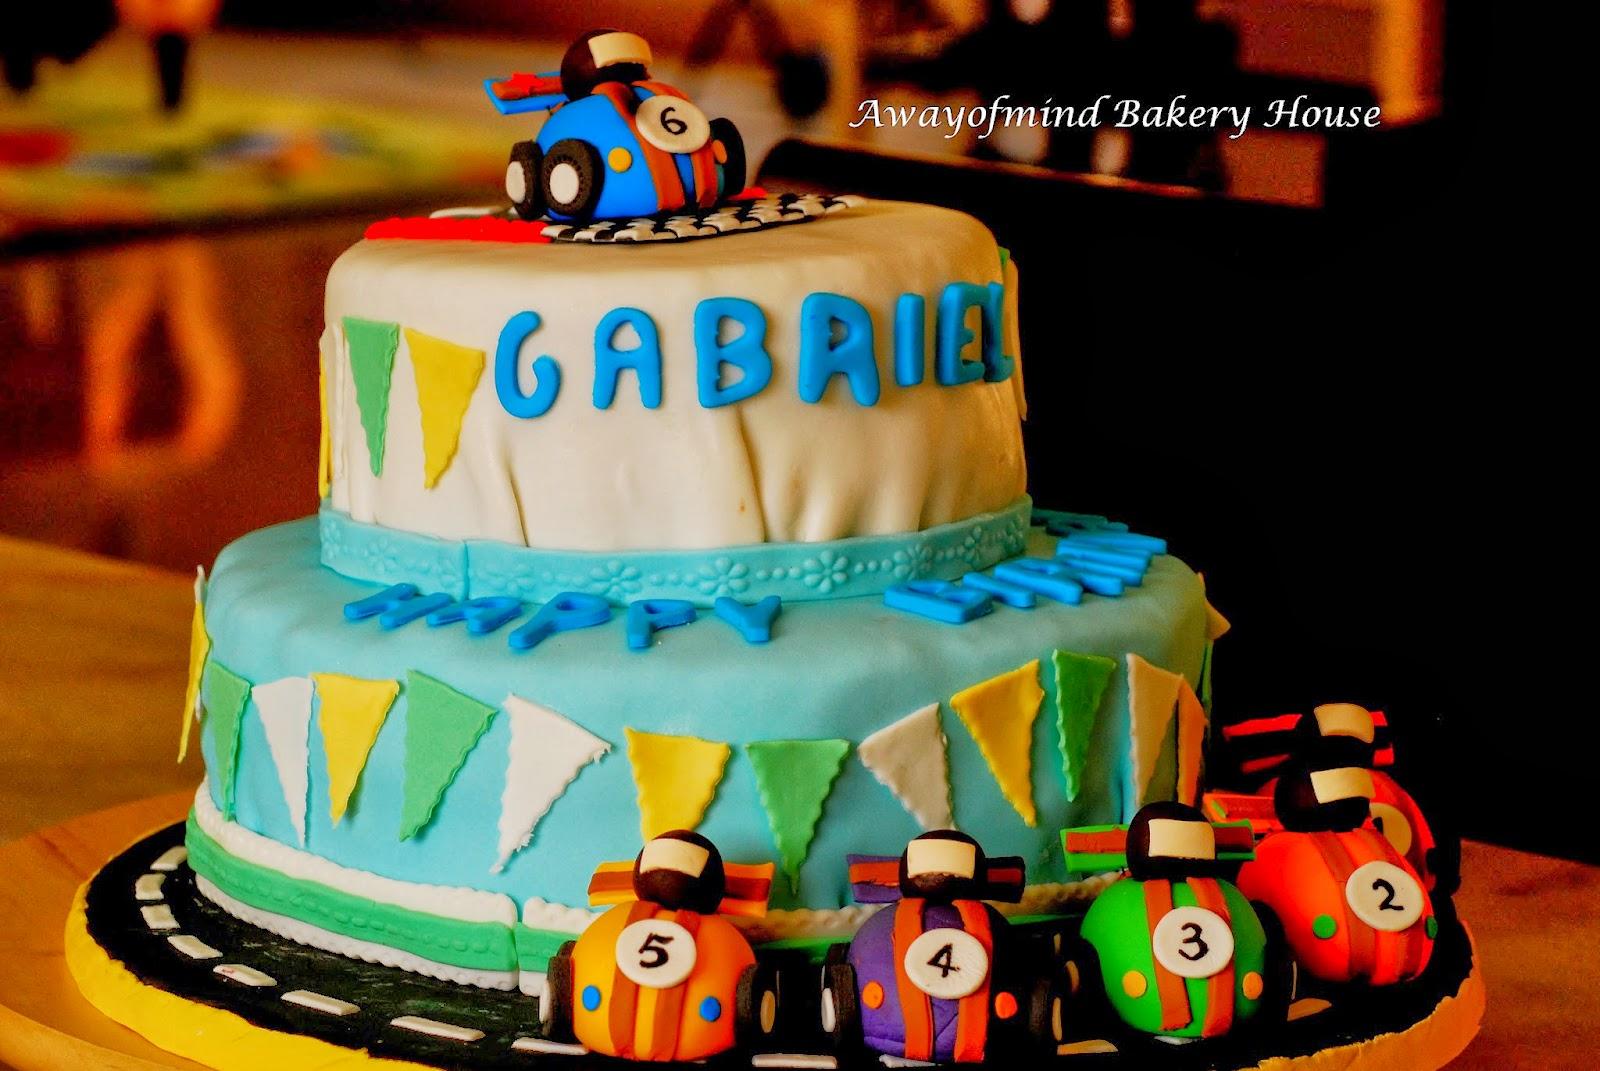 Cake With Fondant Cars : Awayofmind Bakery House: Fondant Race Cars Cake